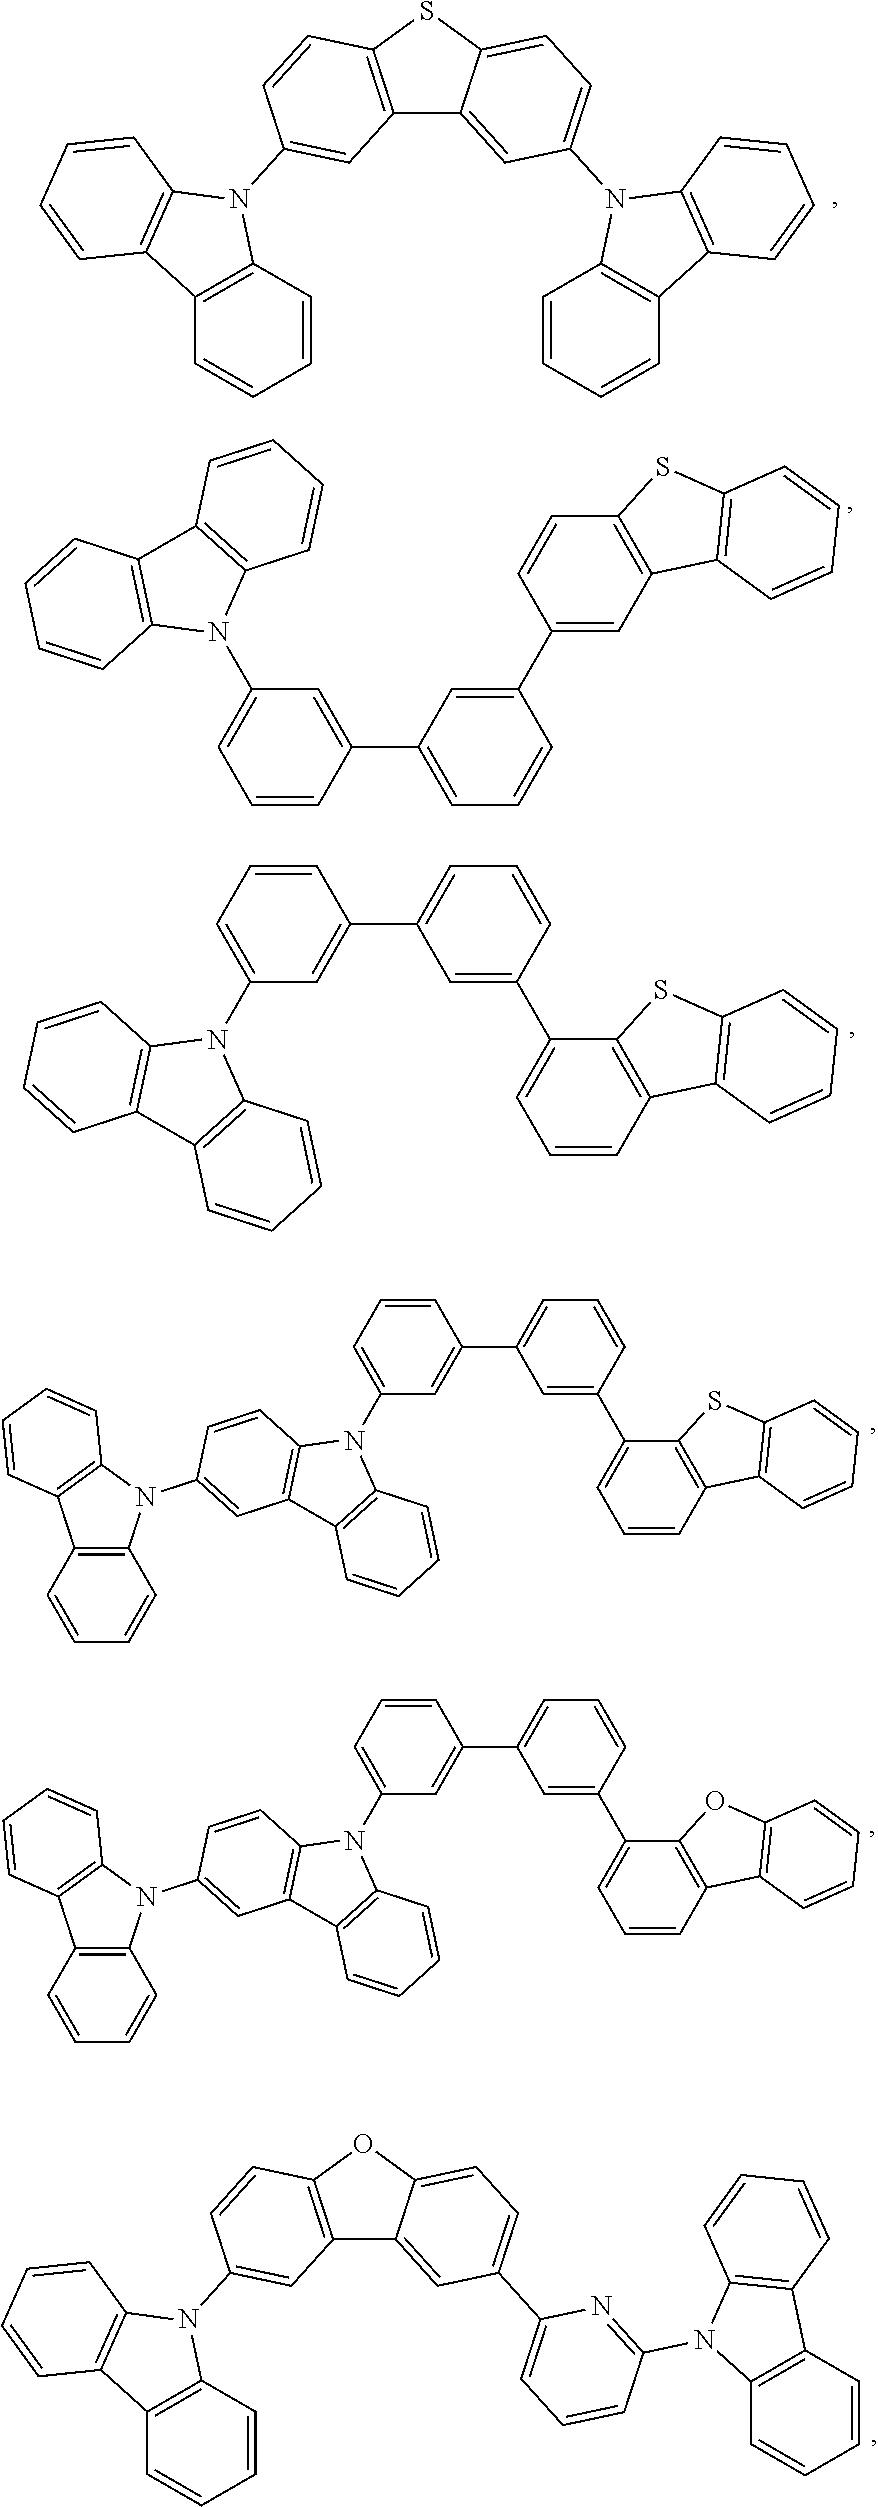 Figure US20190161504A1-20190530-C00048